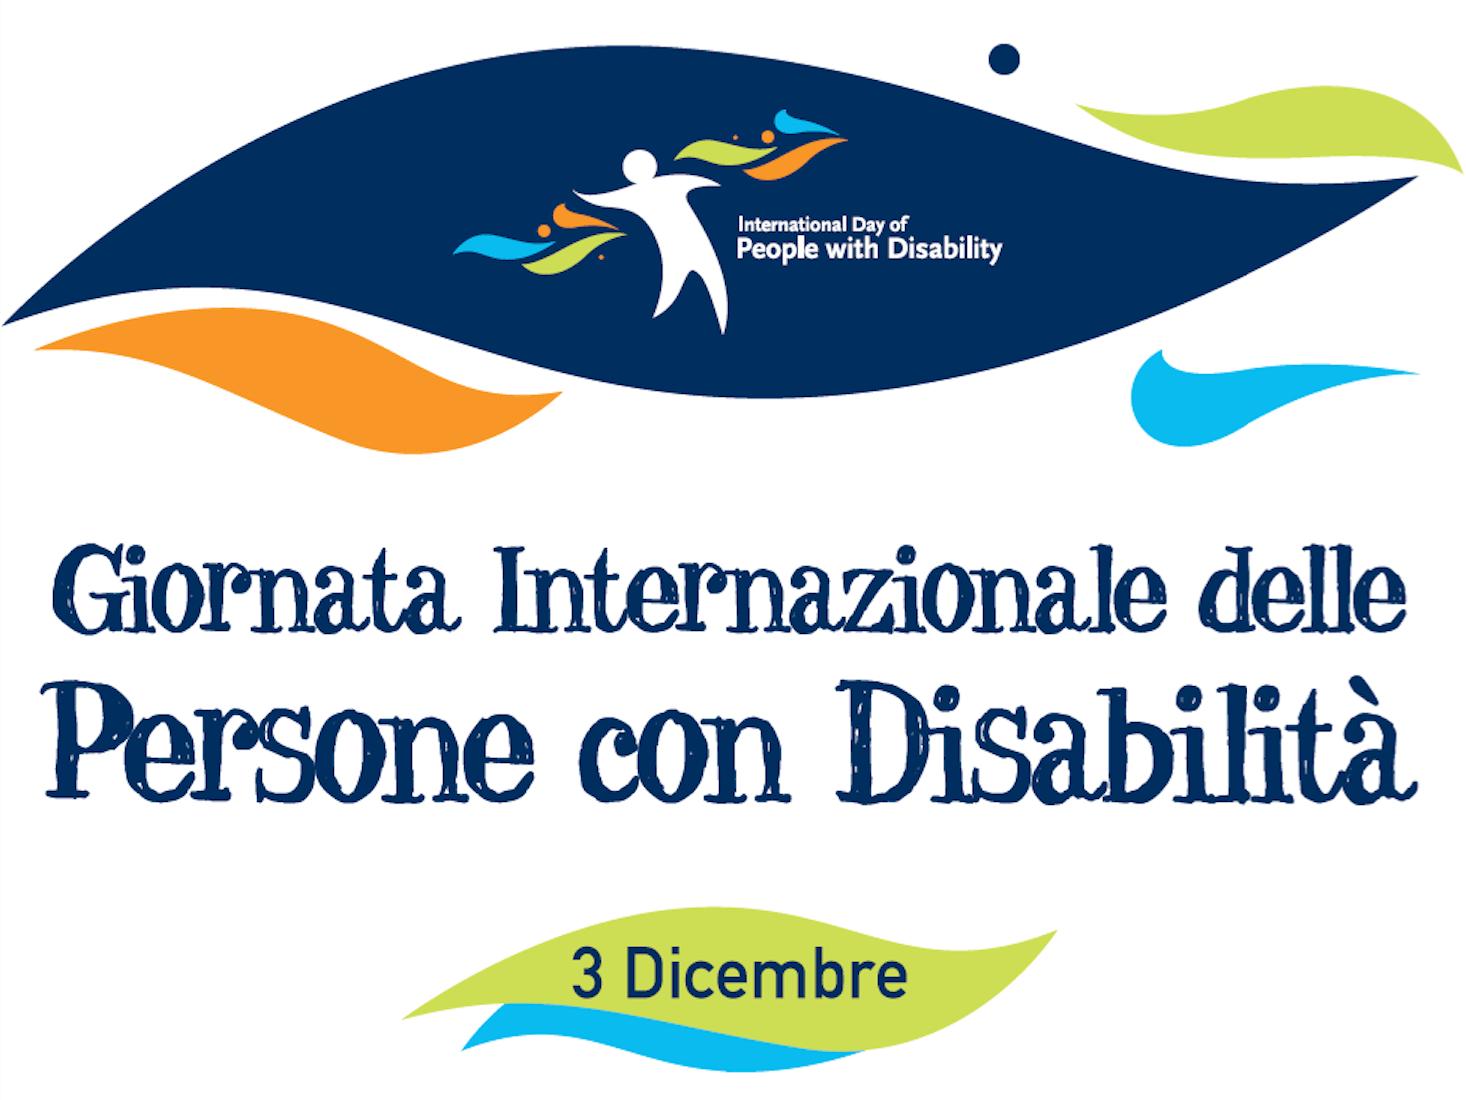 D'Elia, Boca: Giornata internazionale delle persone con disabilità, rafforzato in questi anni l'impegno del Municipio II.